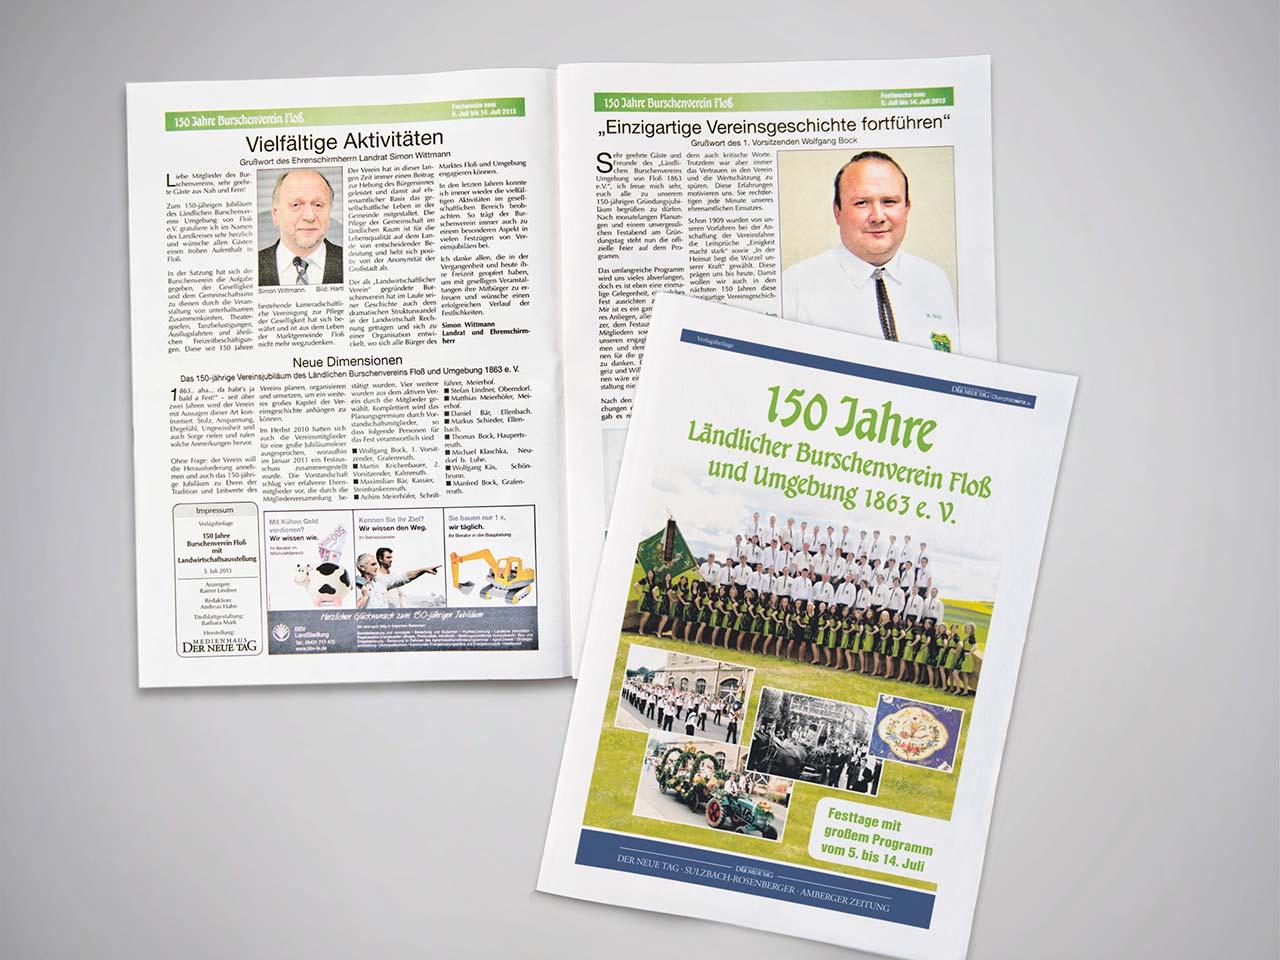 Ansicht einer Verlagsbeilage aus dem Druck von Oberpfalz Medien im Tabloid-Format.